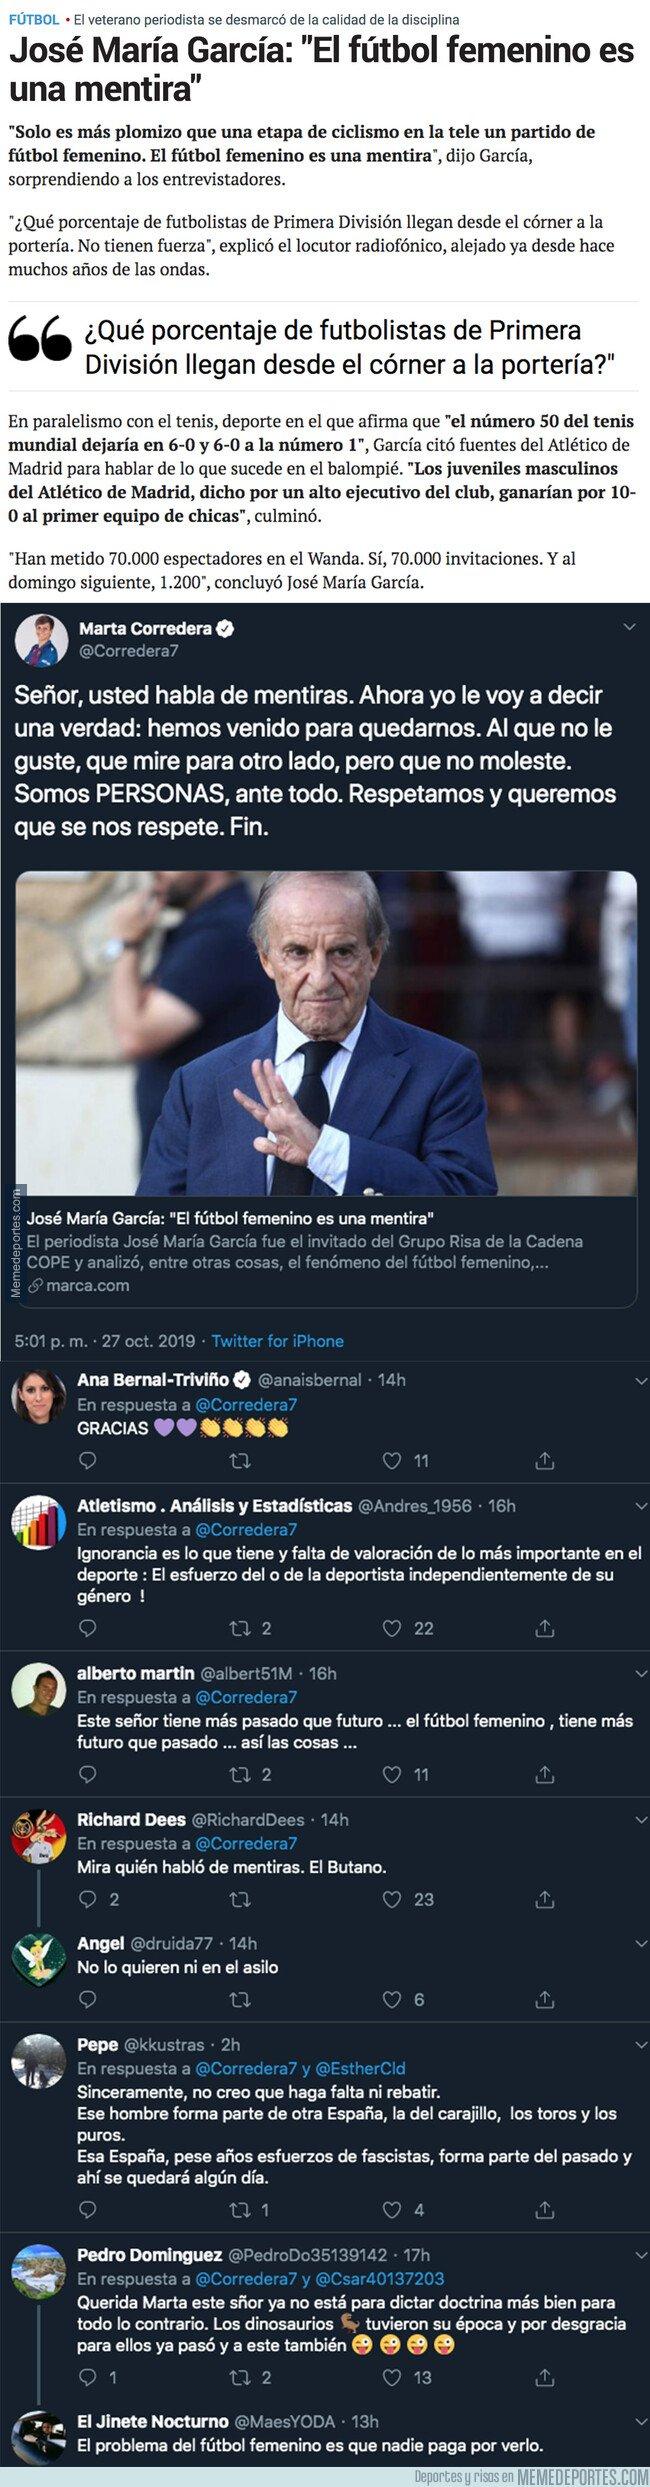 1089470 - La futbolista Marta Corredera le calla la boca a José María García tras decir todas estas burradas sobre el fútbol femenino